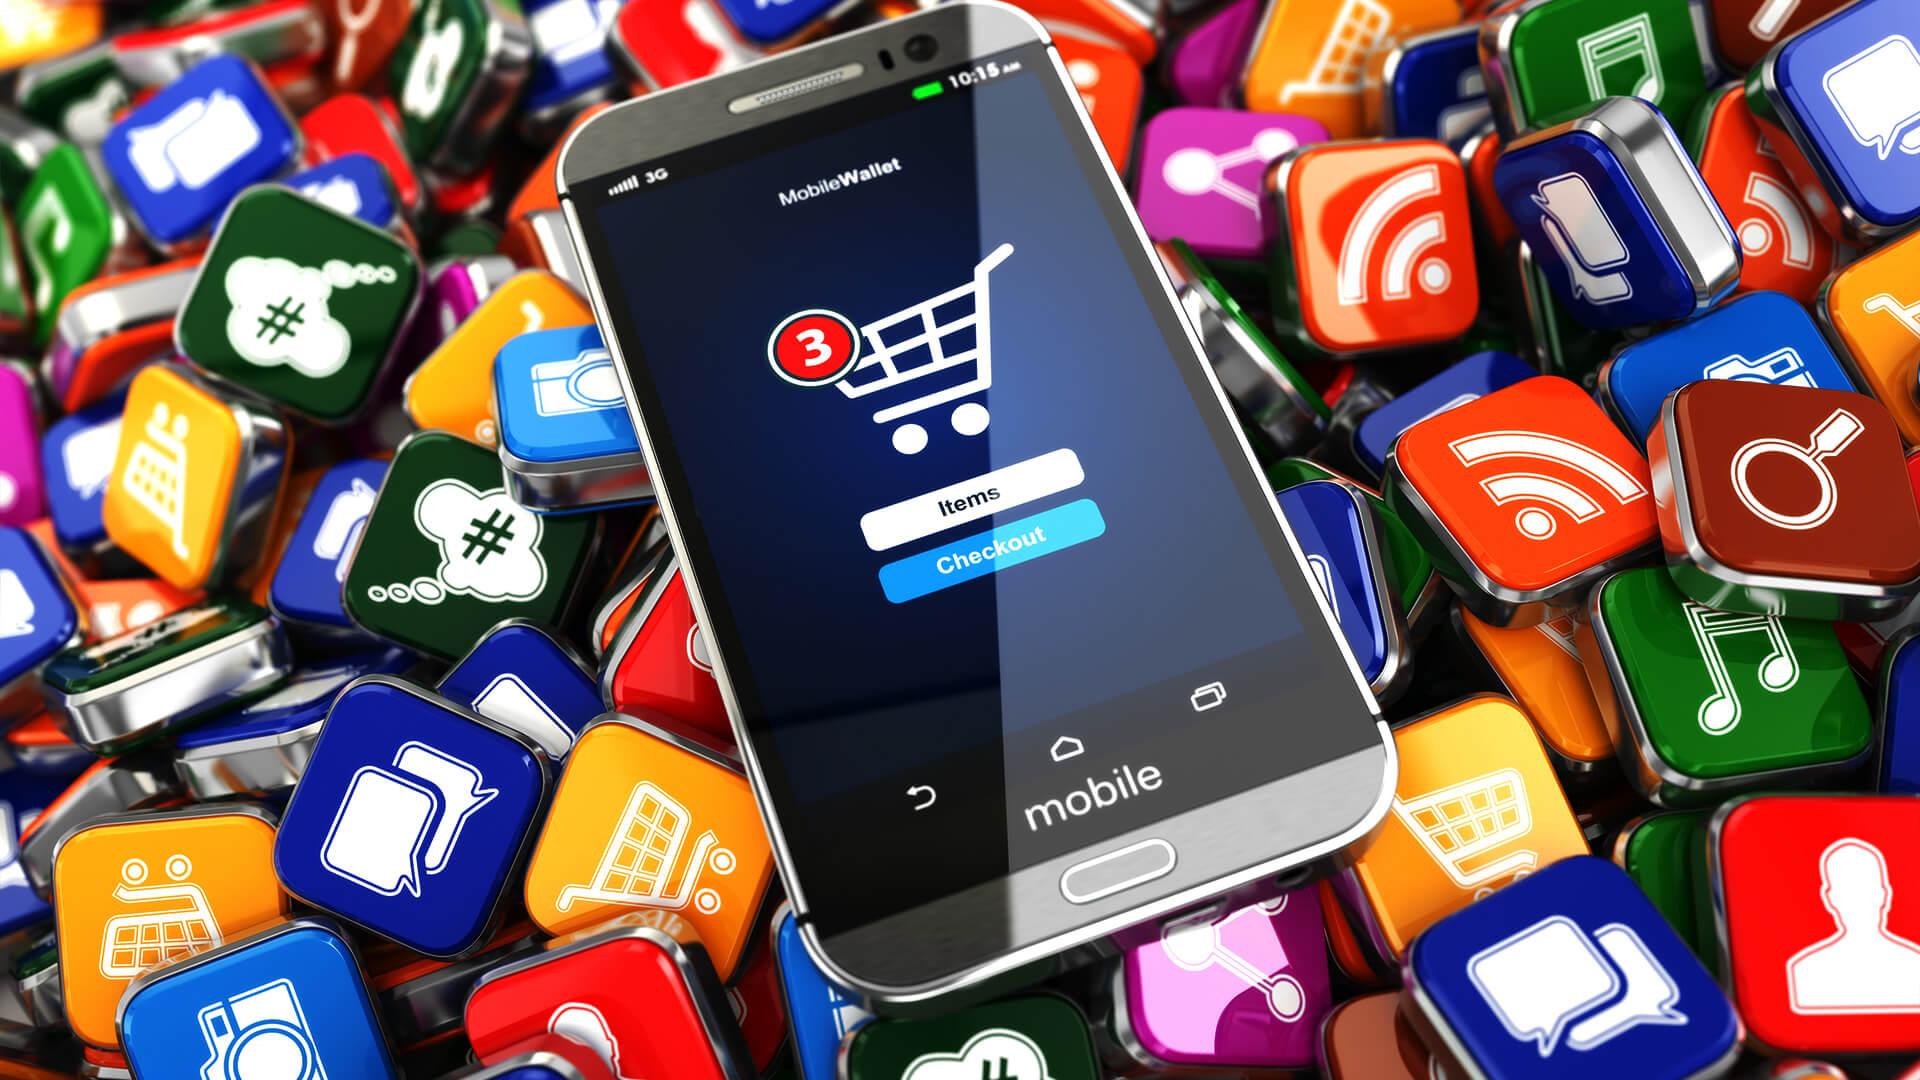 La inversión publicitaria de comercio electrónico se duplicó a medida que se afianzaba el comportamiento de distanciamiento social